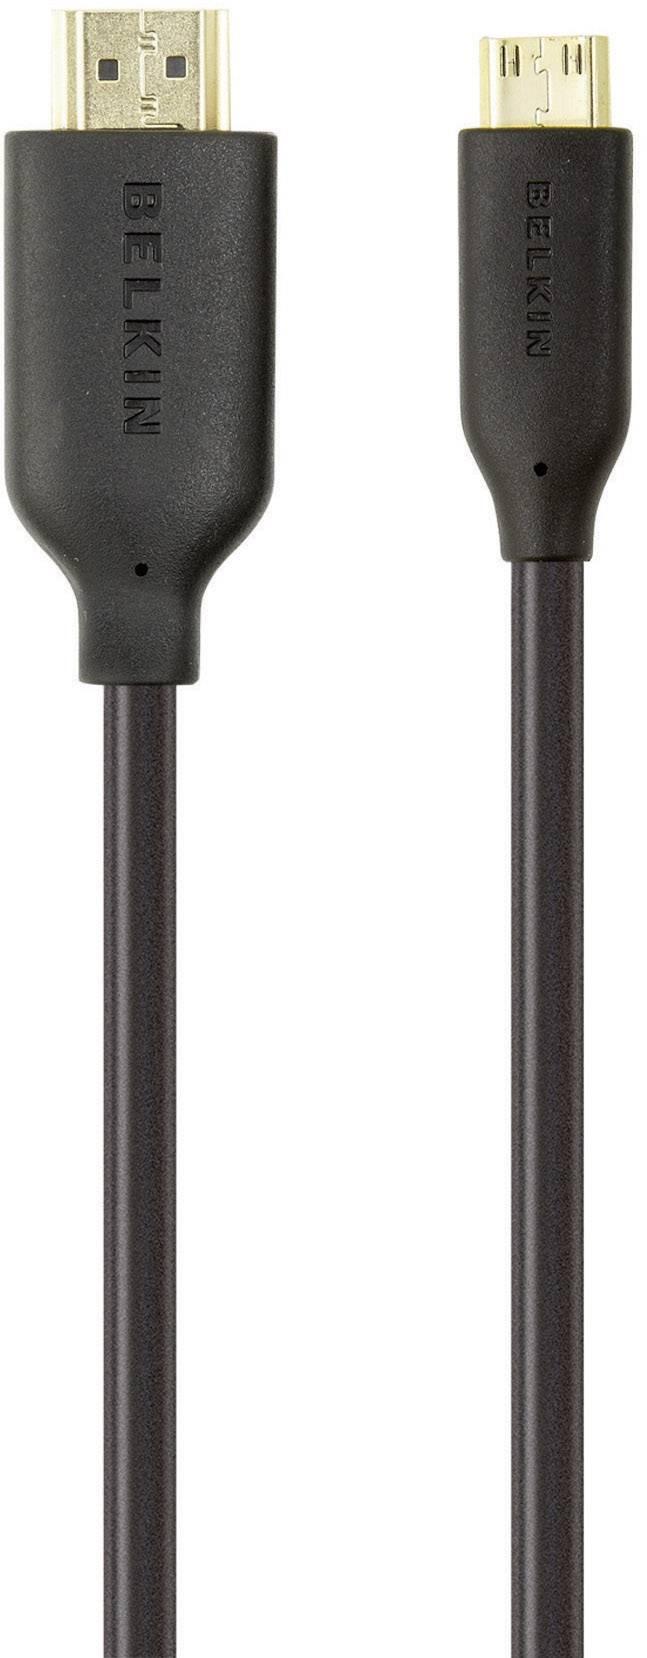 HDMI prepojovací kábel Belkin F3Y027bf3M, 3 m, čierna